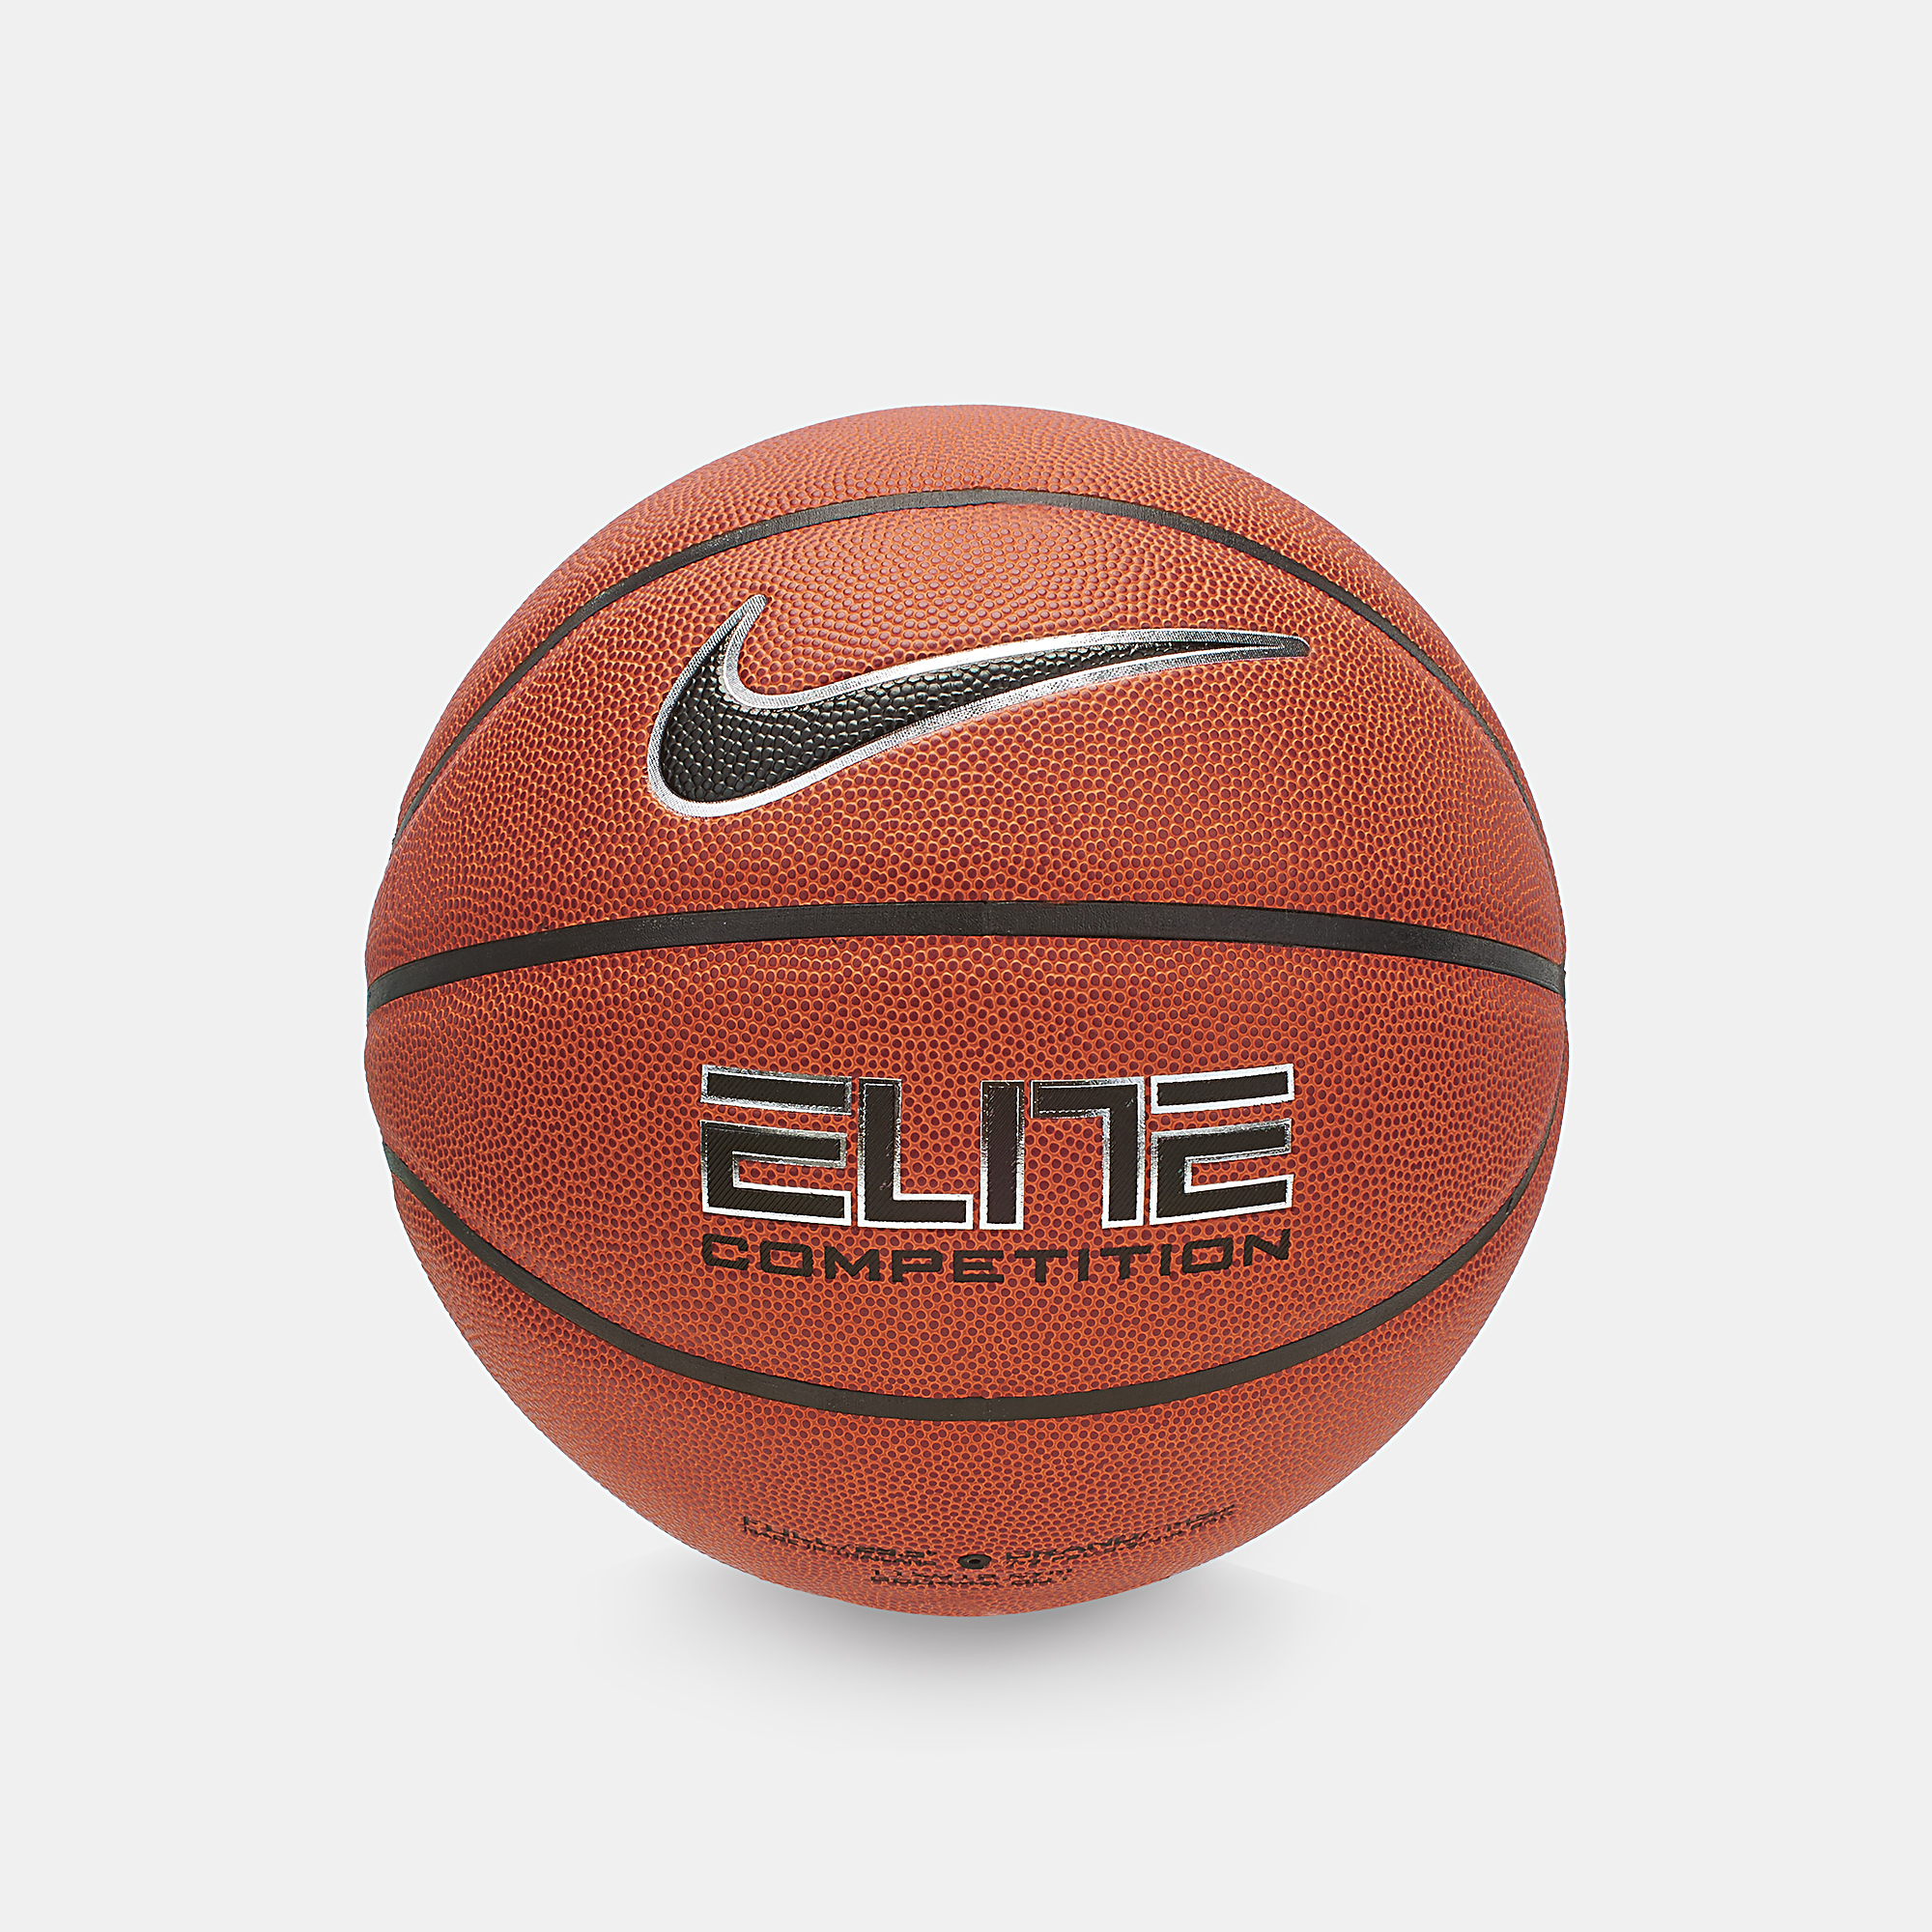 5a5698af0 Shop Orange Nike Elite Competition 8-Panel Basketball for Mens by ...